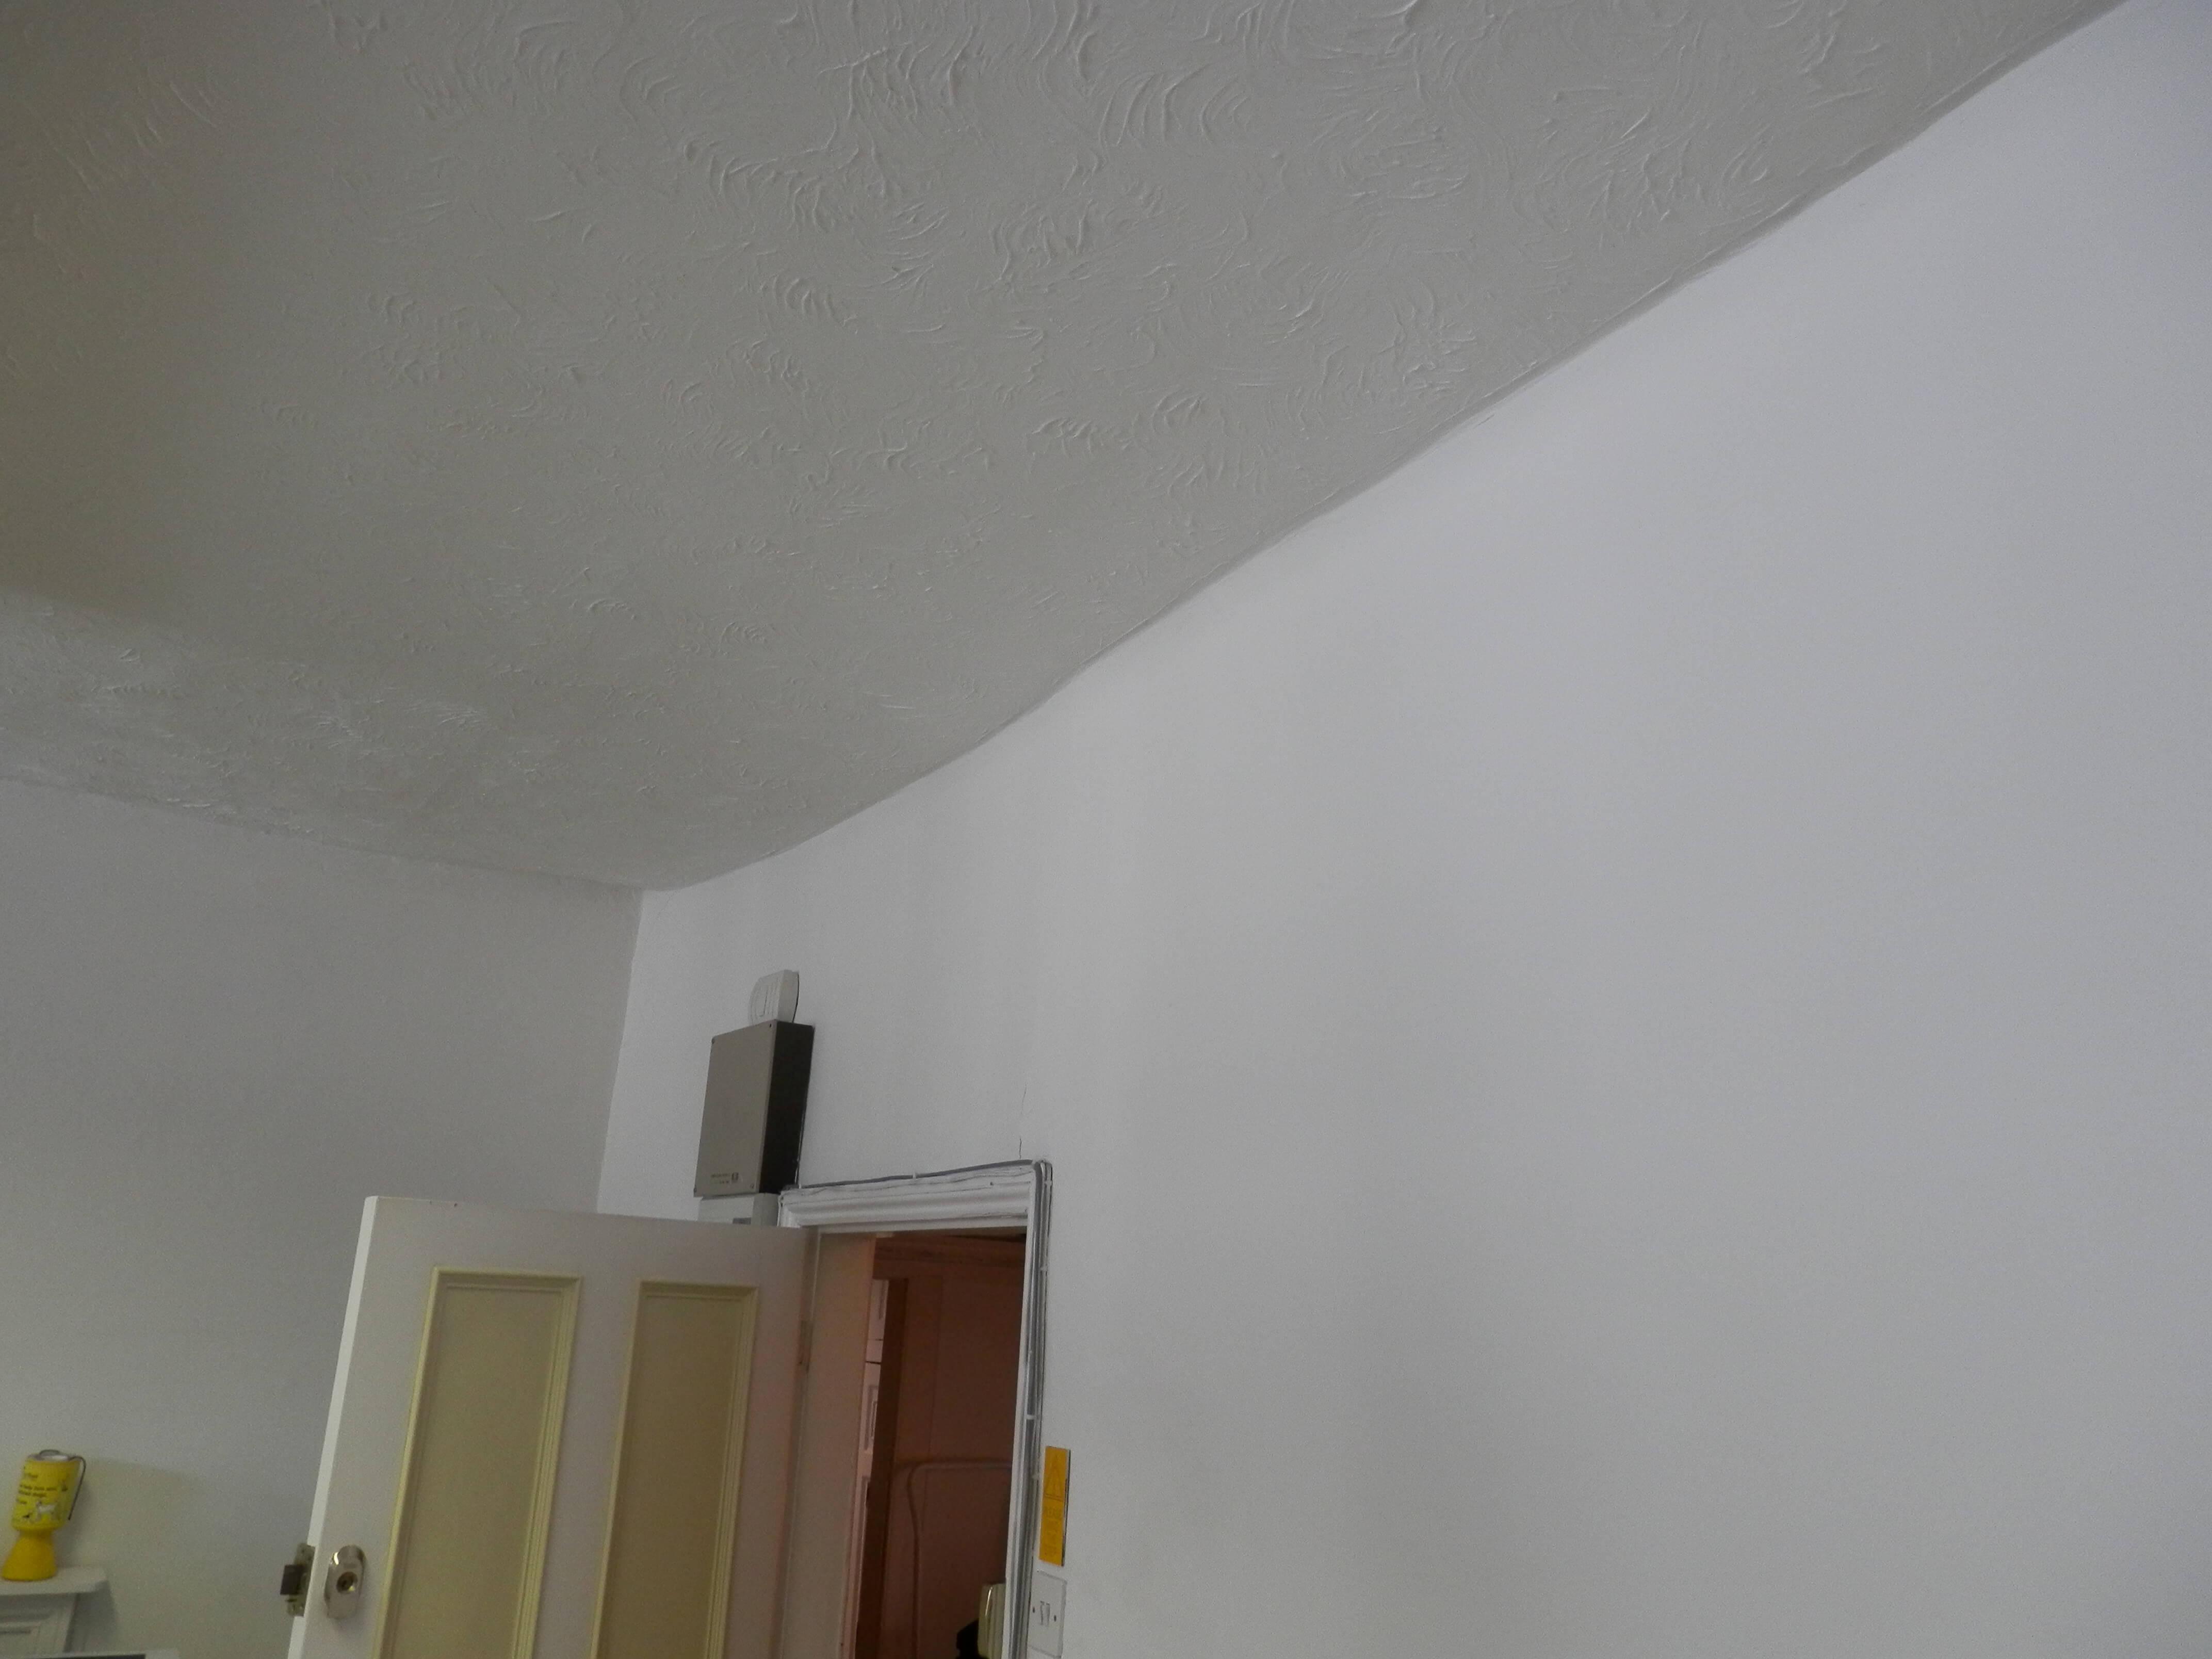 bent walls